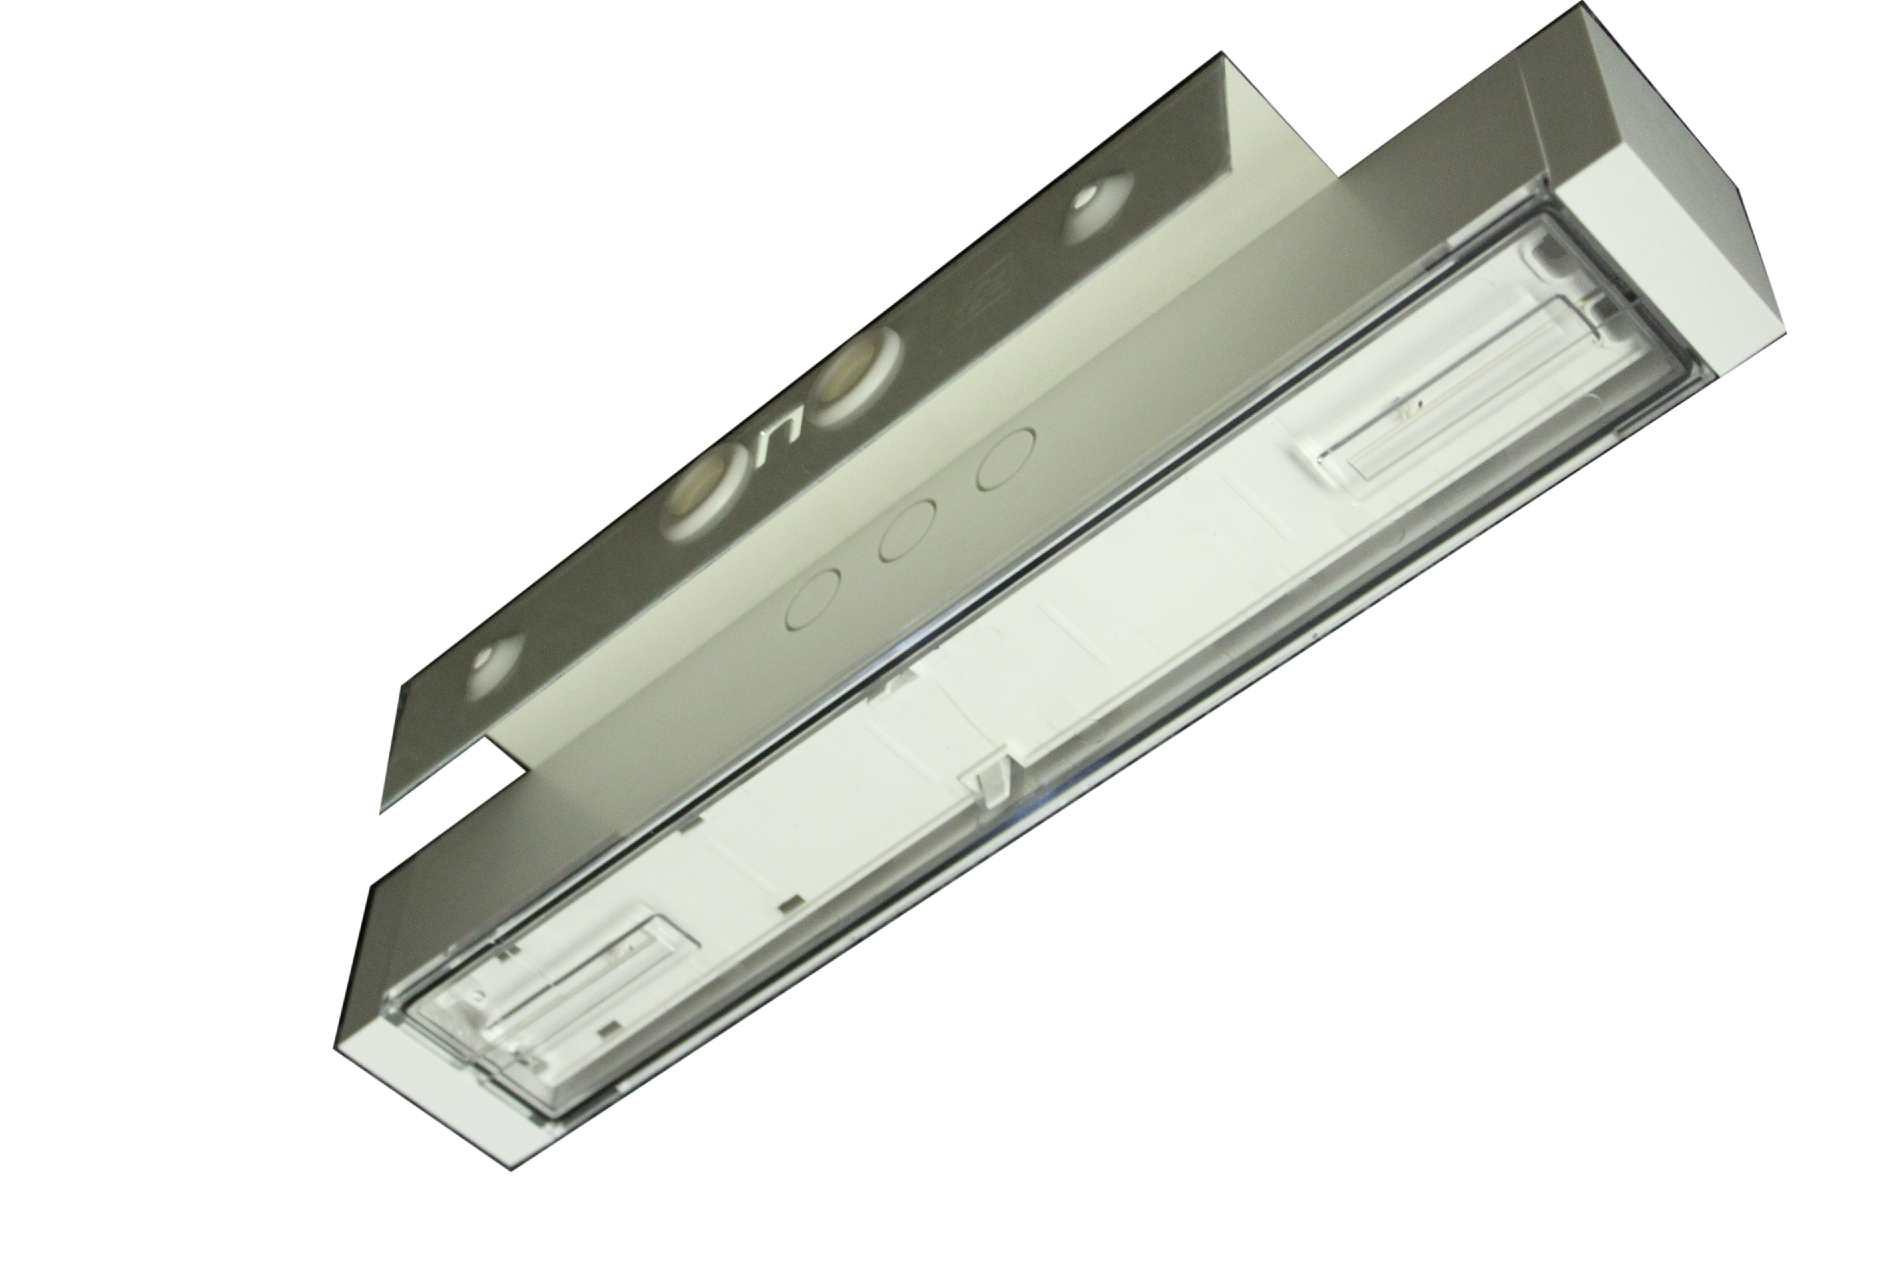 1 Stk Parallelwandausleger weiß, passend für: KB NLAWW008--